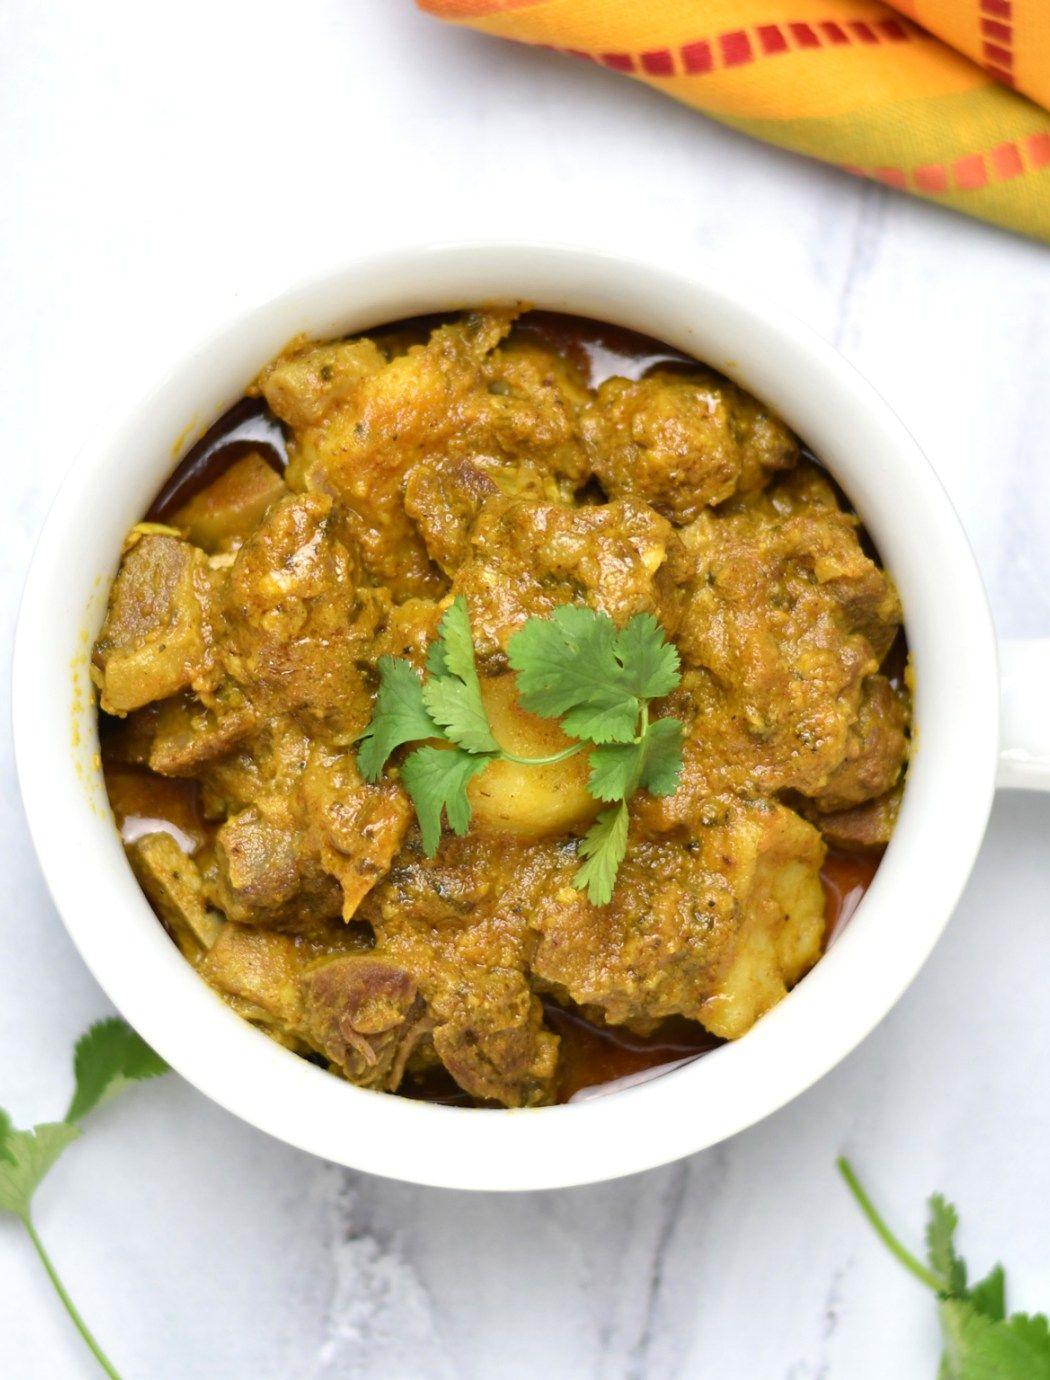 3Qt Instant Pot Recipes | Curry goat, Curry recipes, Food